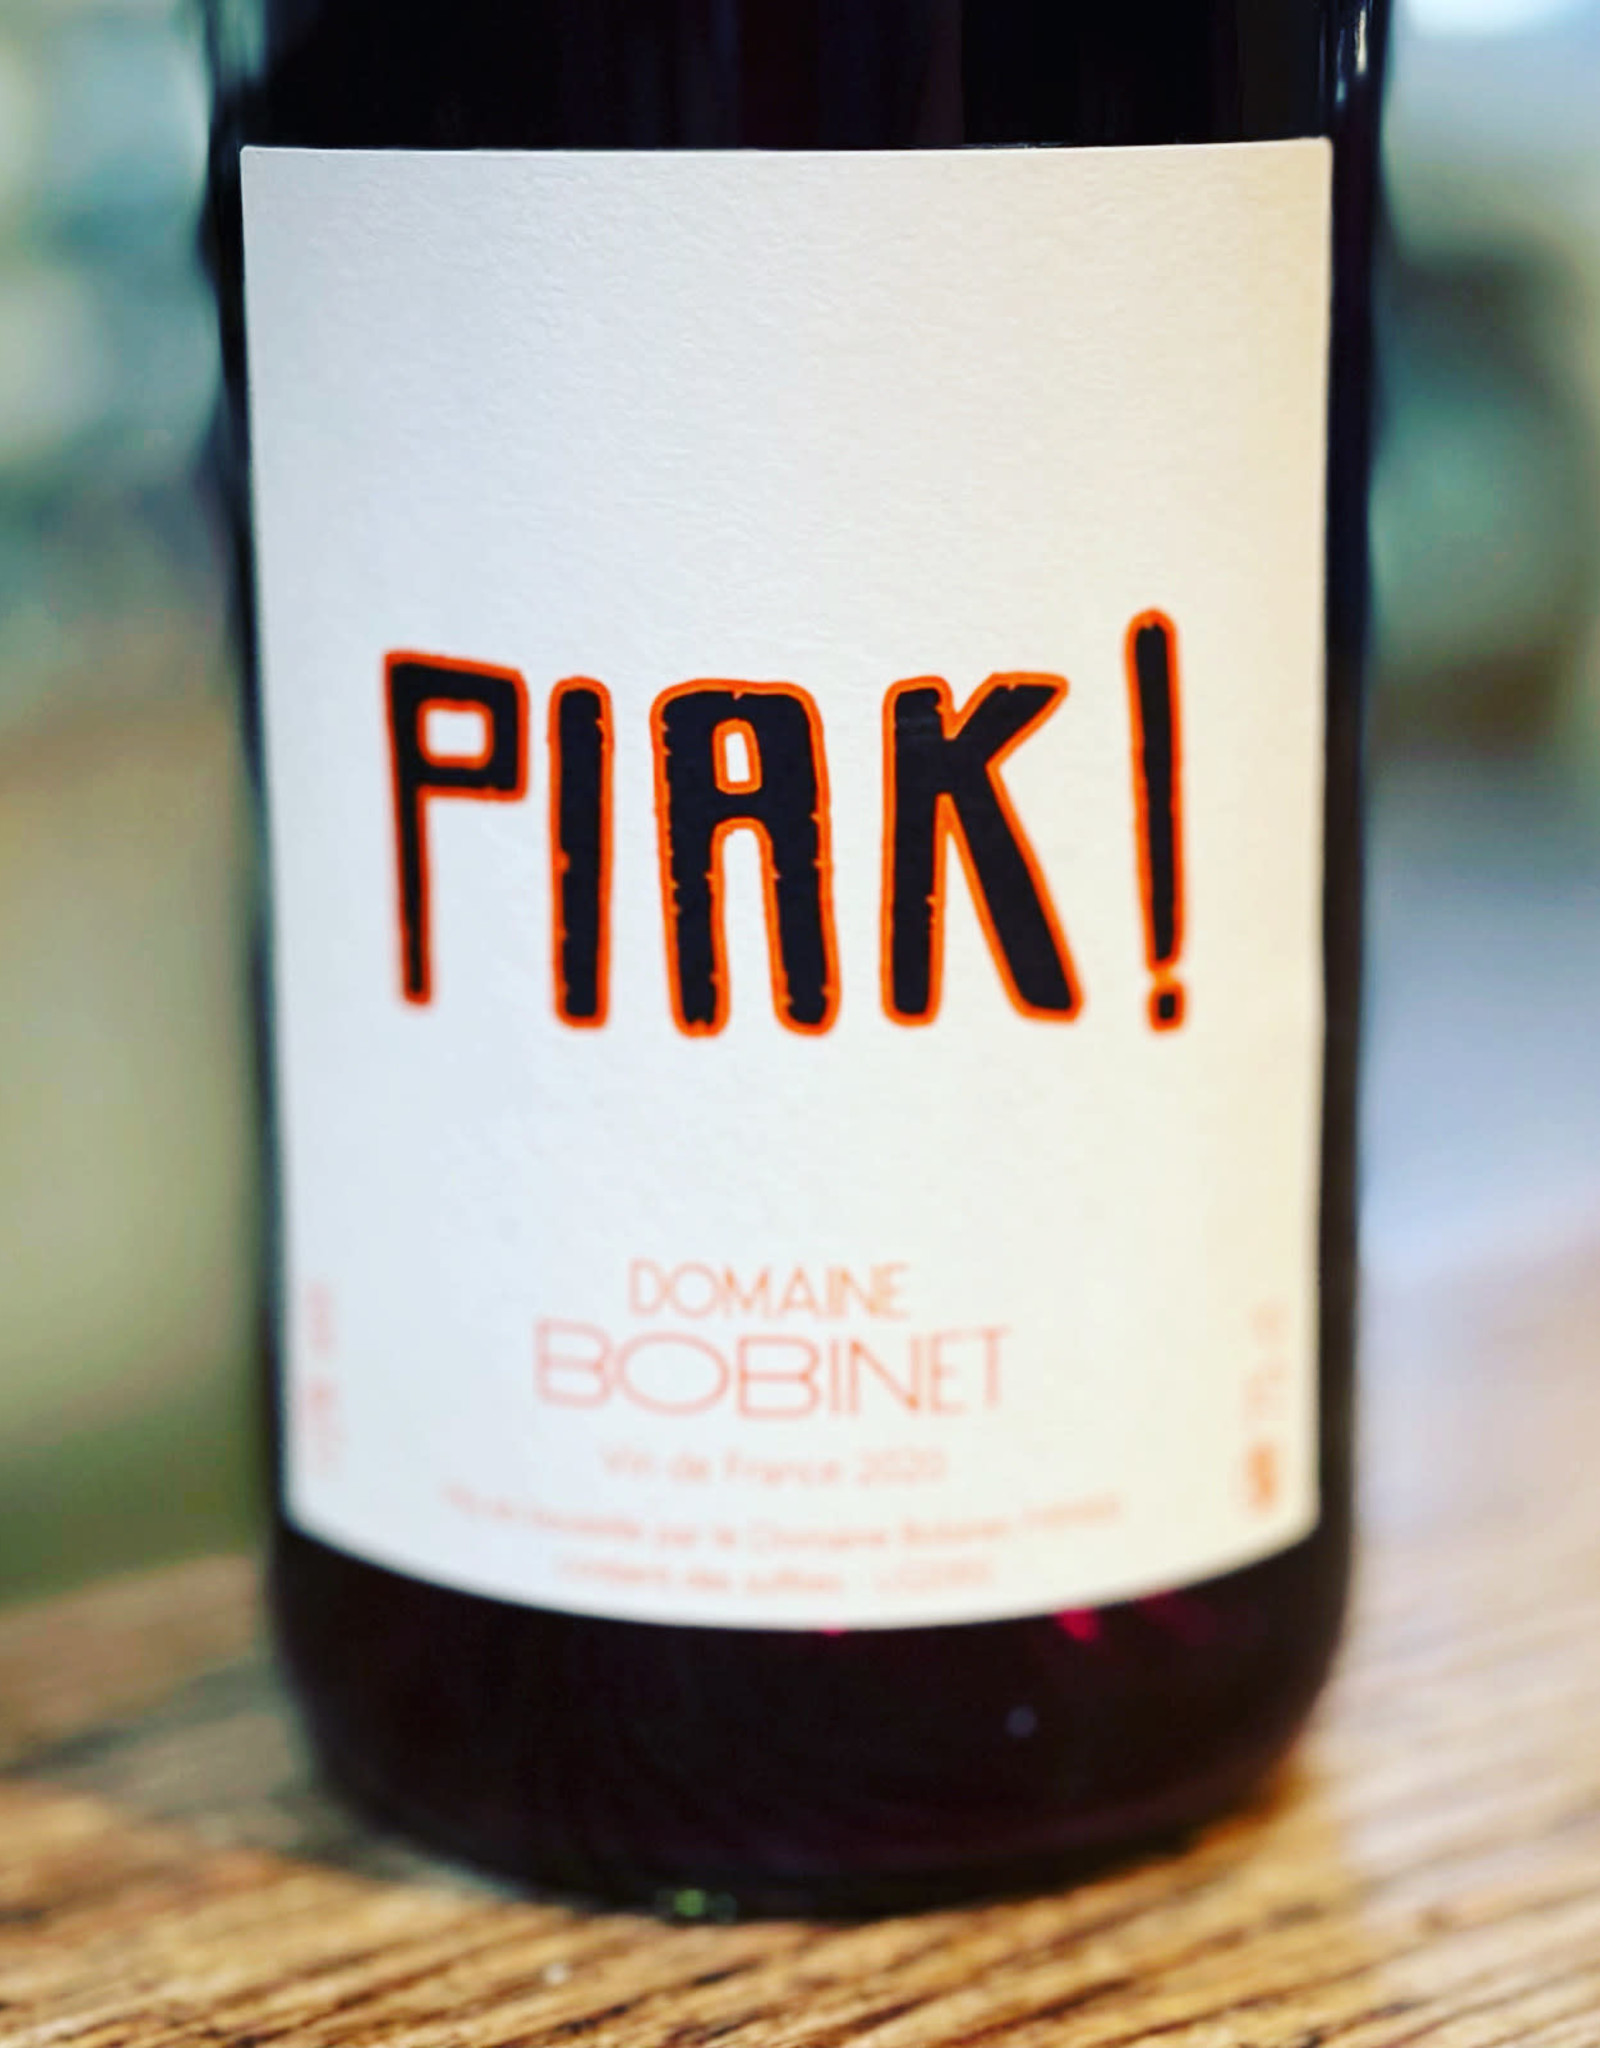 Domaine Bobinet Piak! Rouge